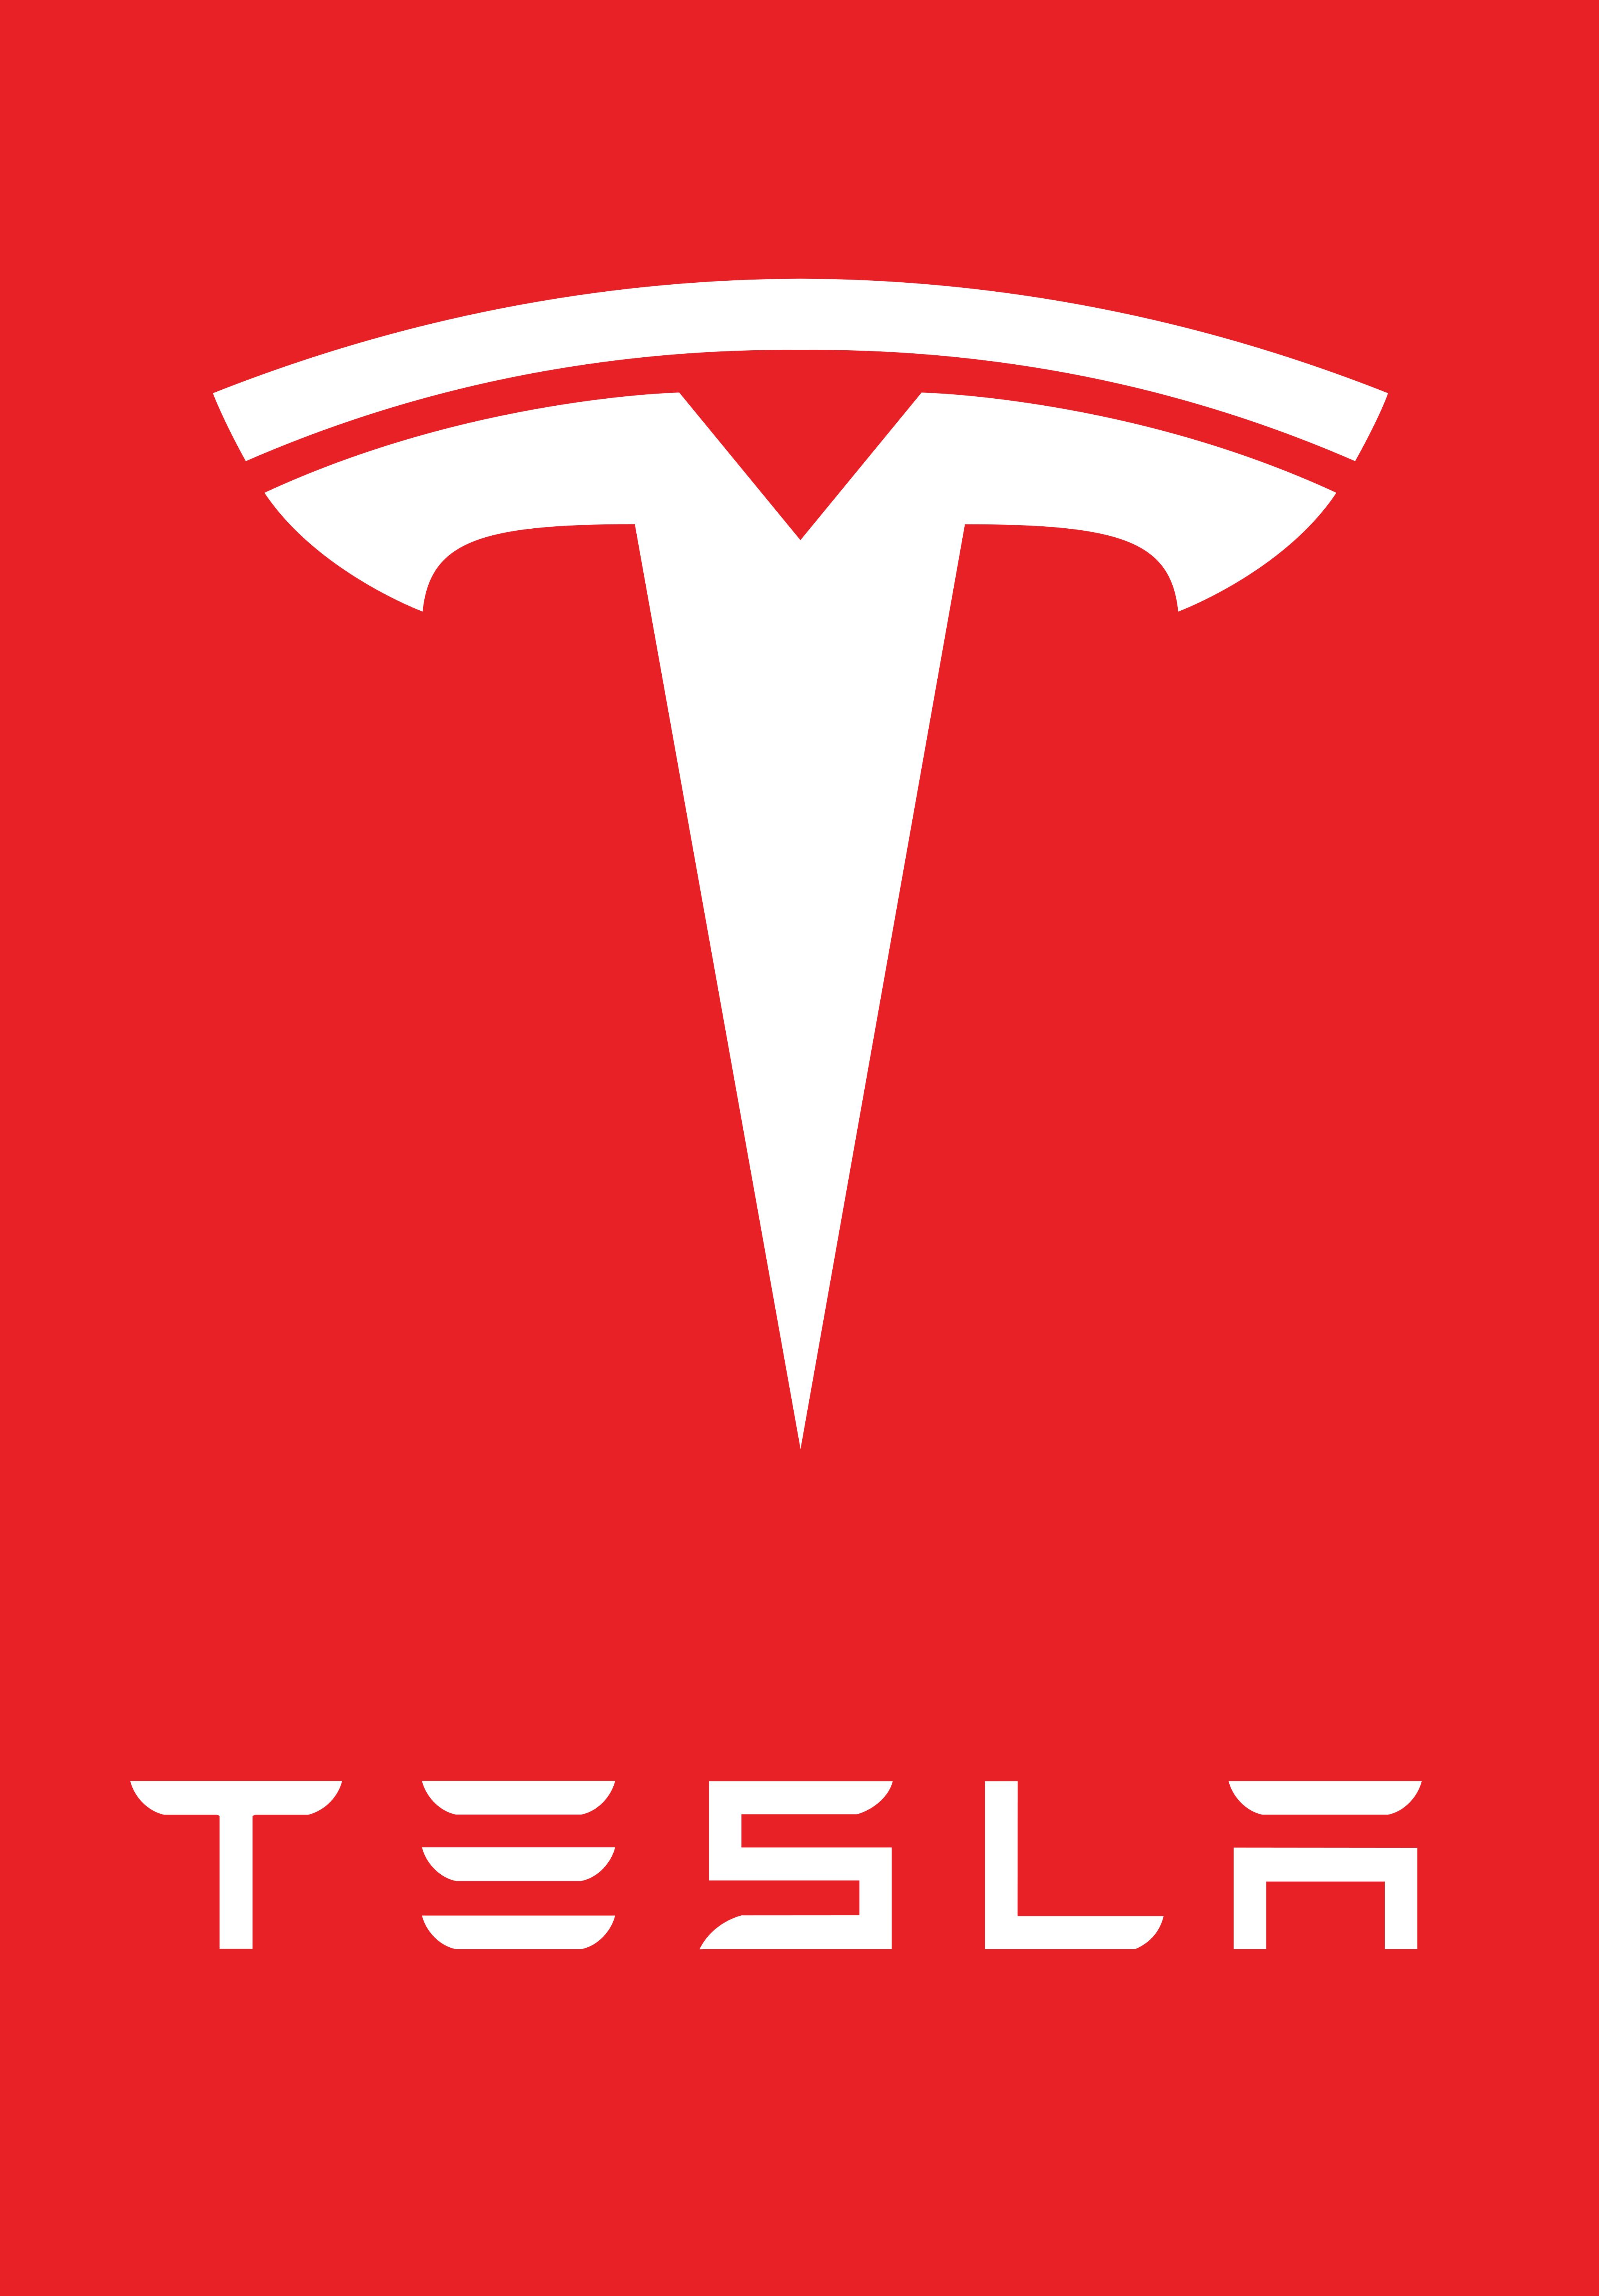 tesla logo - Tesla Logo